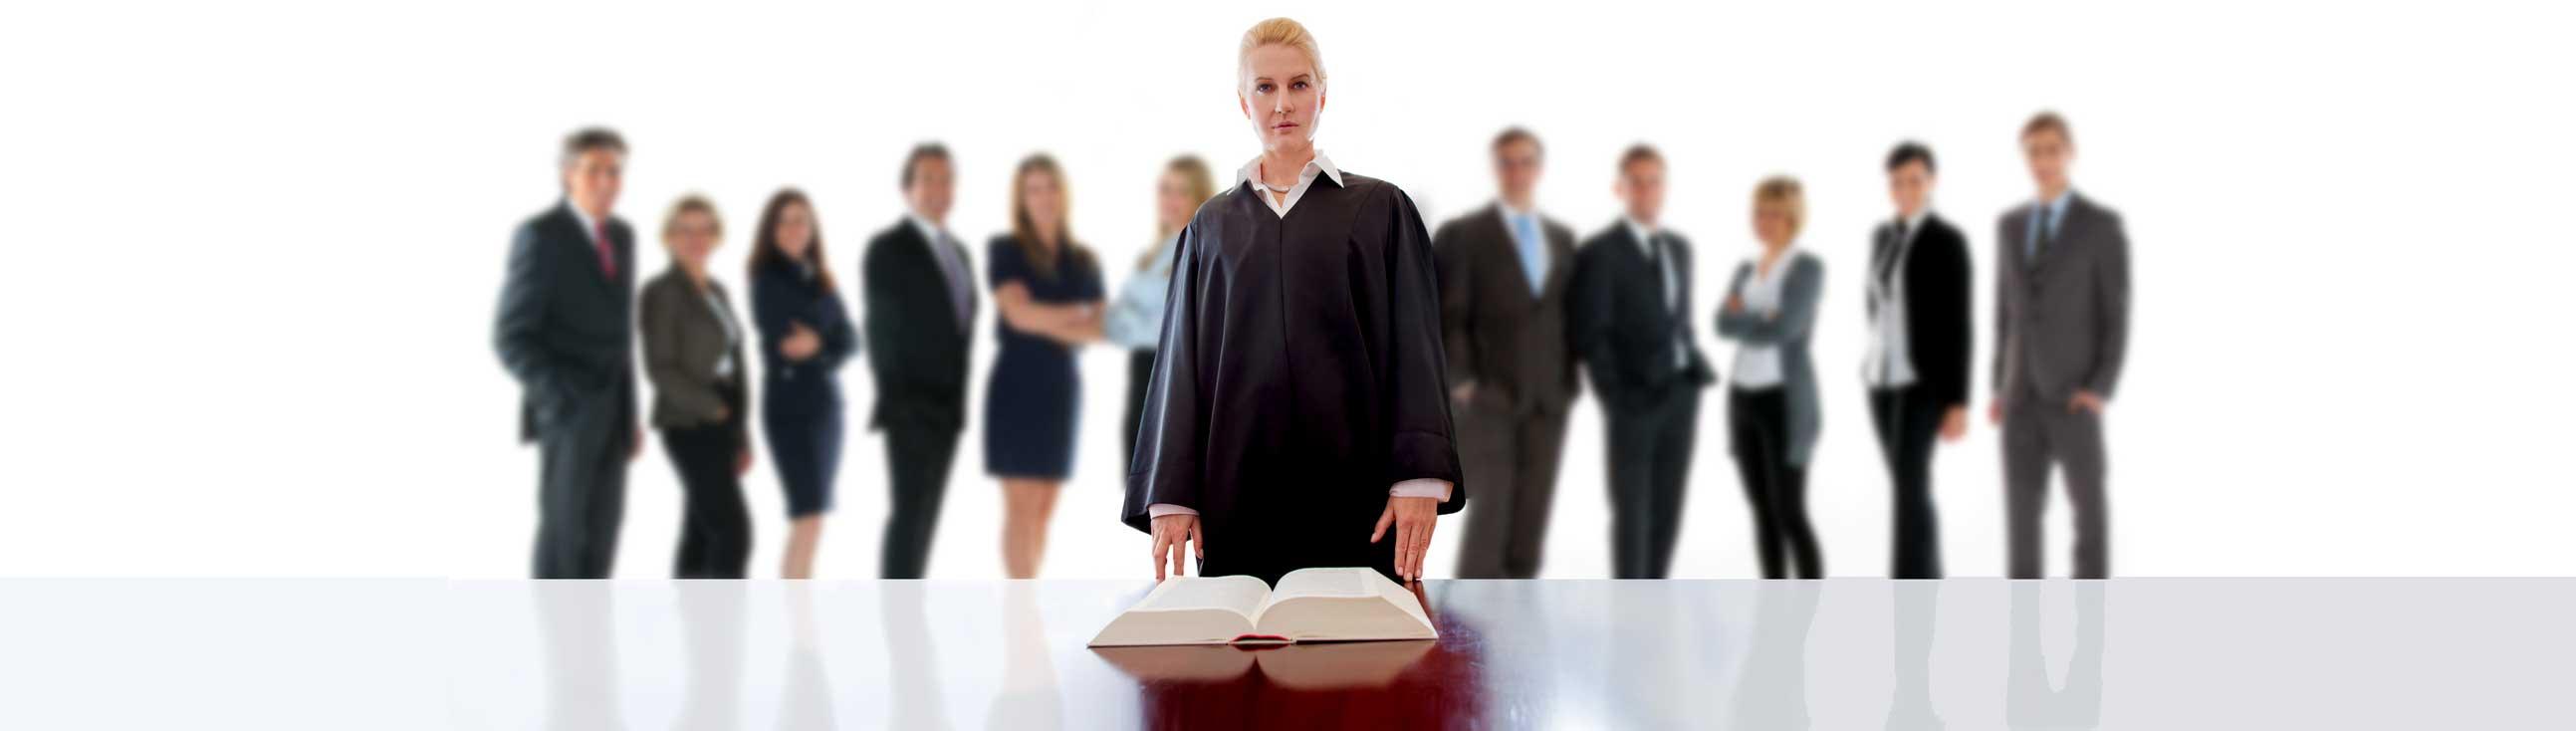 ayuda para reclamación judicial a empresas y particulares